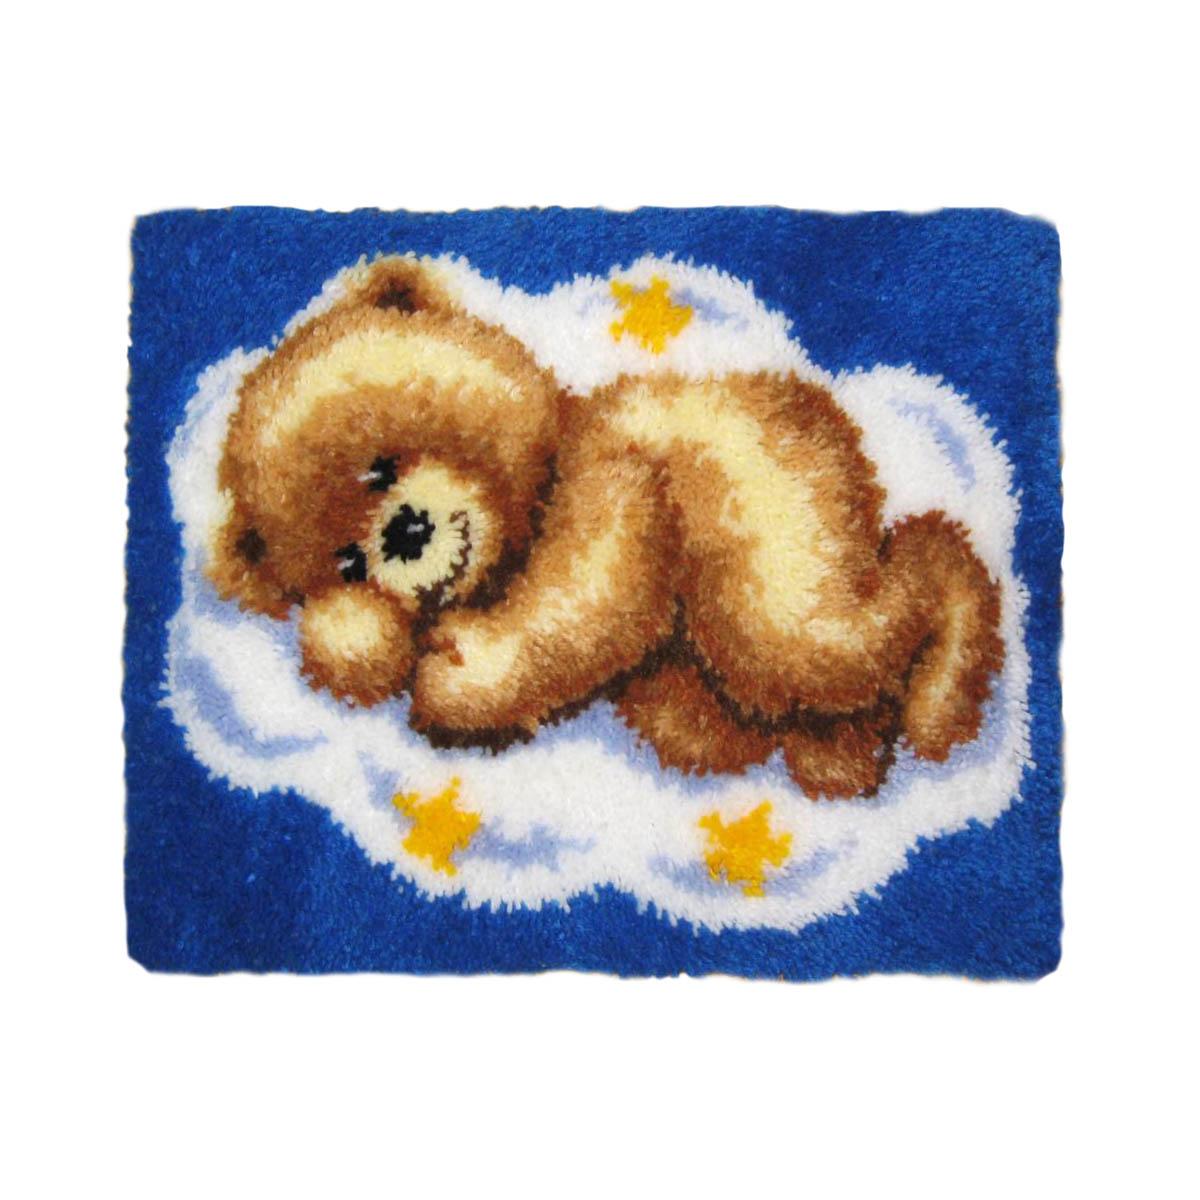 0014291-PN Коврик (ковровая техника) Vervaco 'Мишка на облаке' 55x40 см